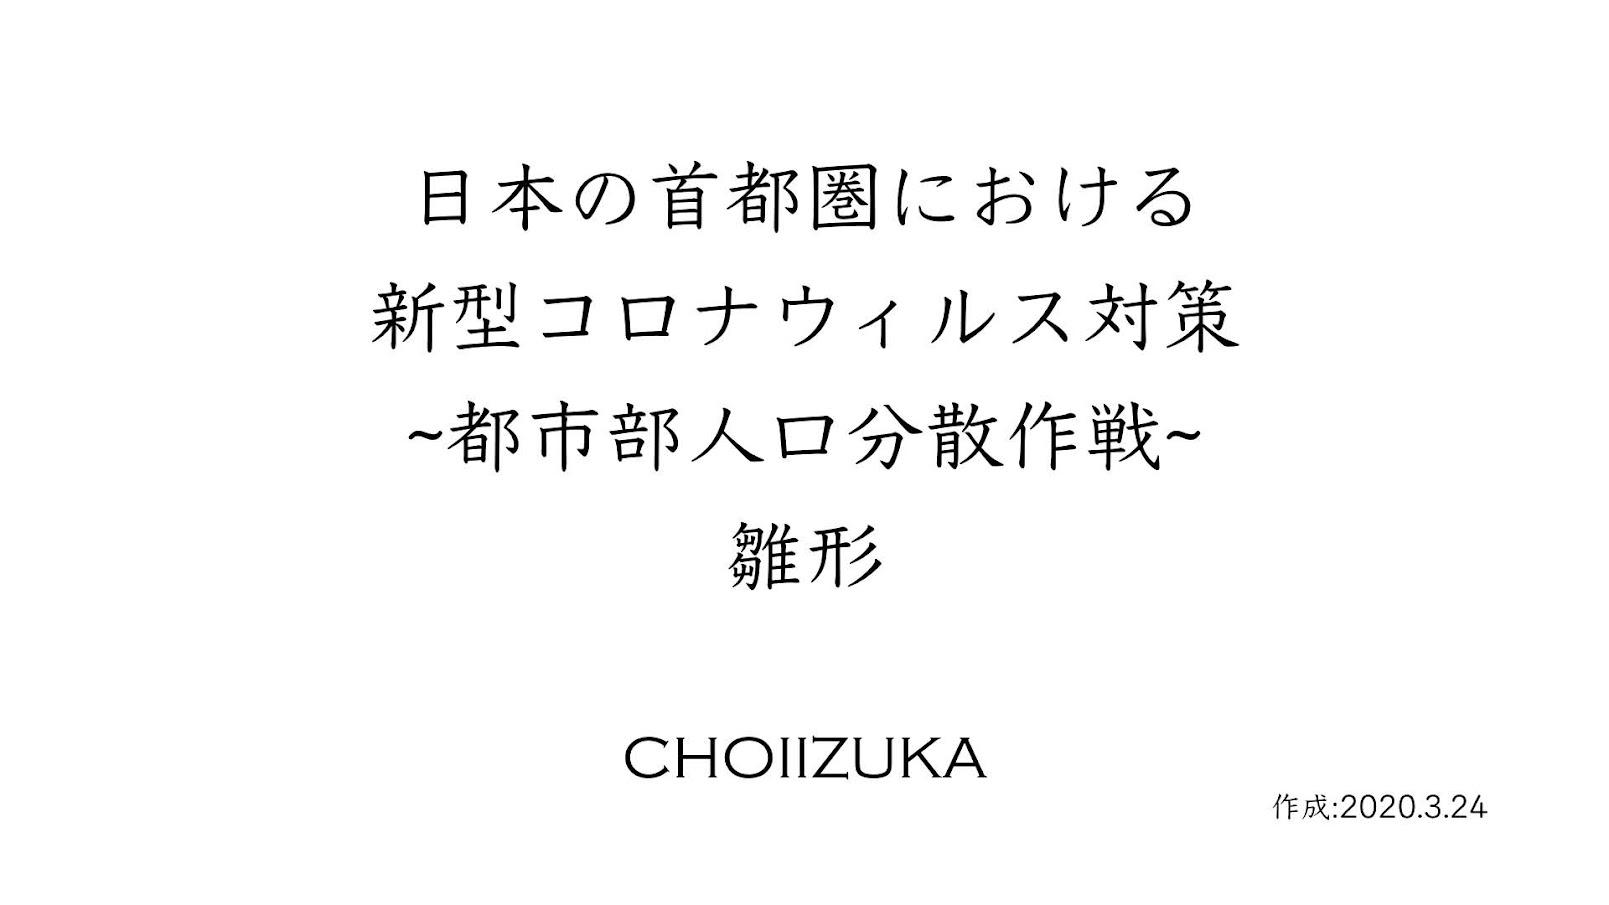 首都封鎖?日本政府および東京都知事や関係者の皆さんへ今後の新型コロナウィルス感染者爆発的増加を踏まえた、対策案雛形を提供致します